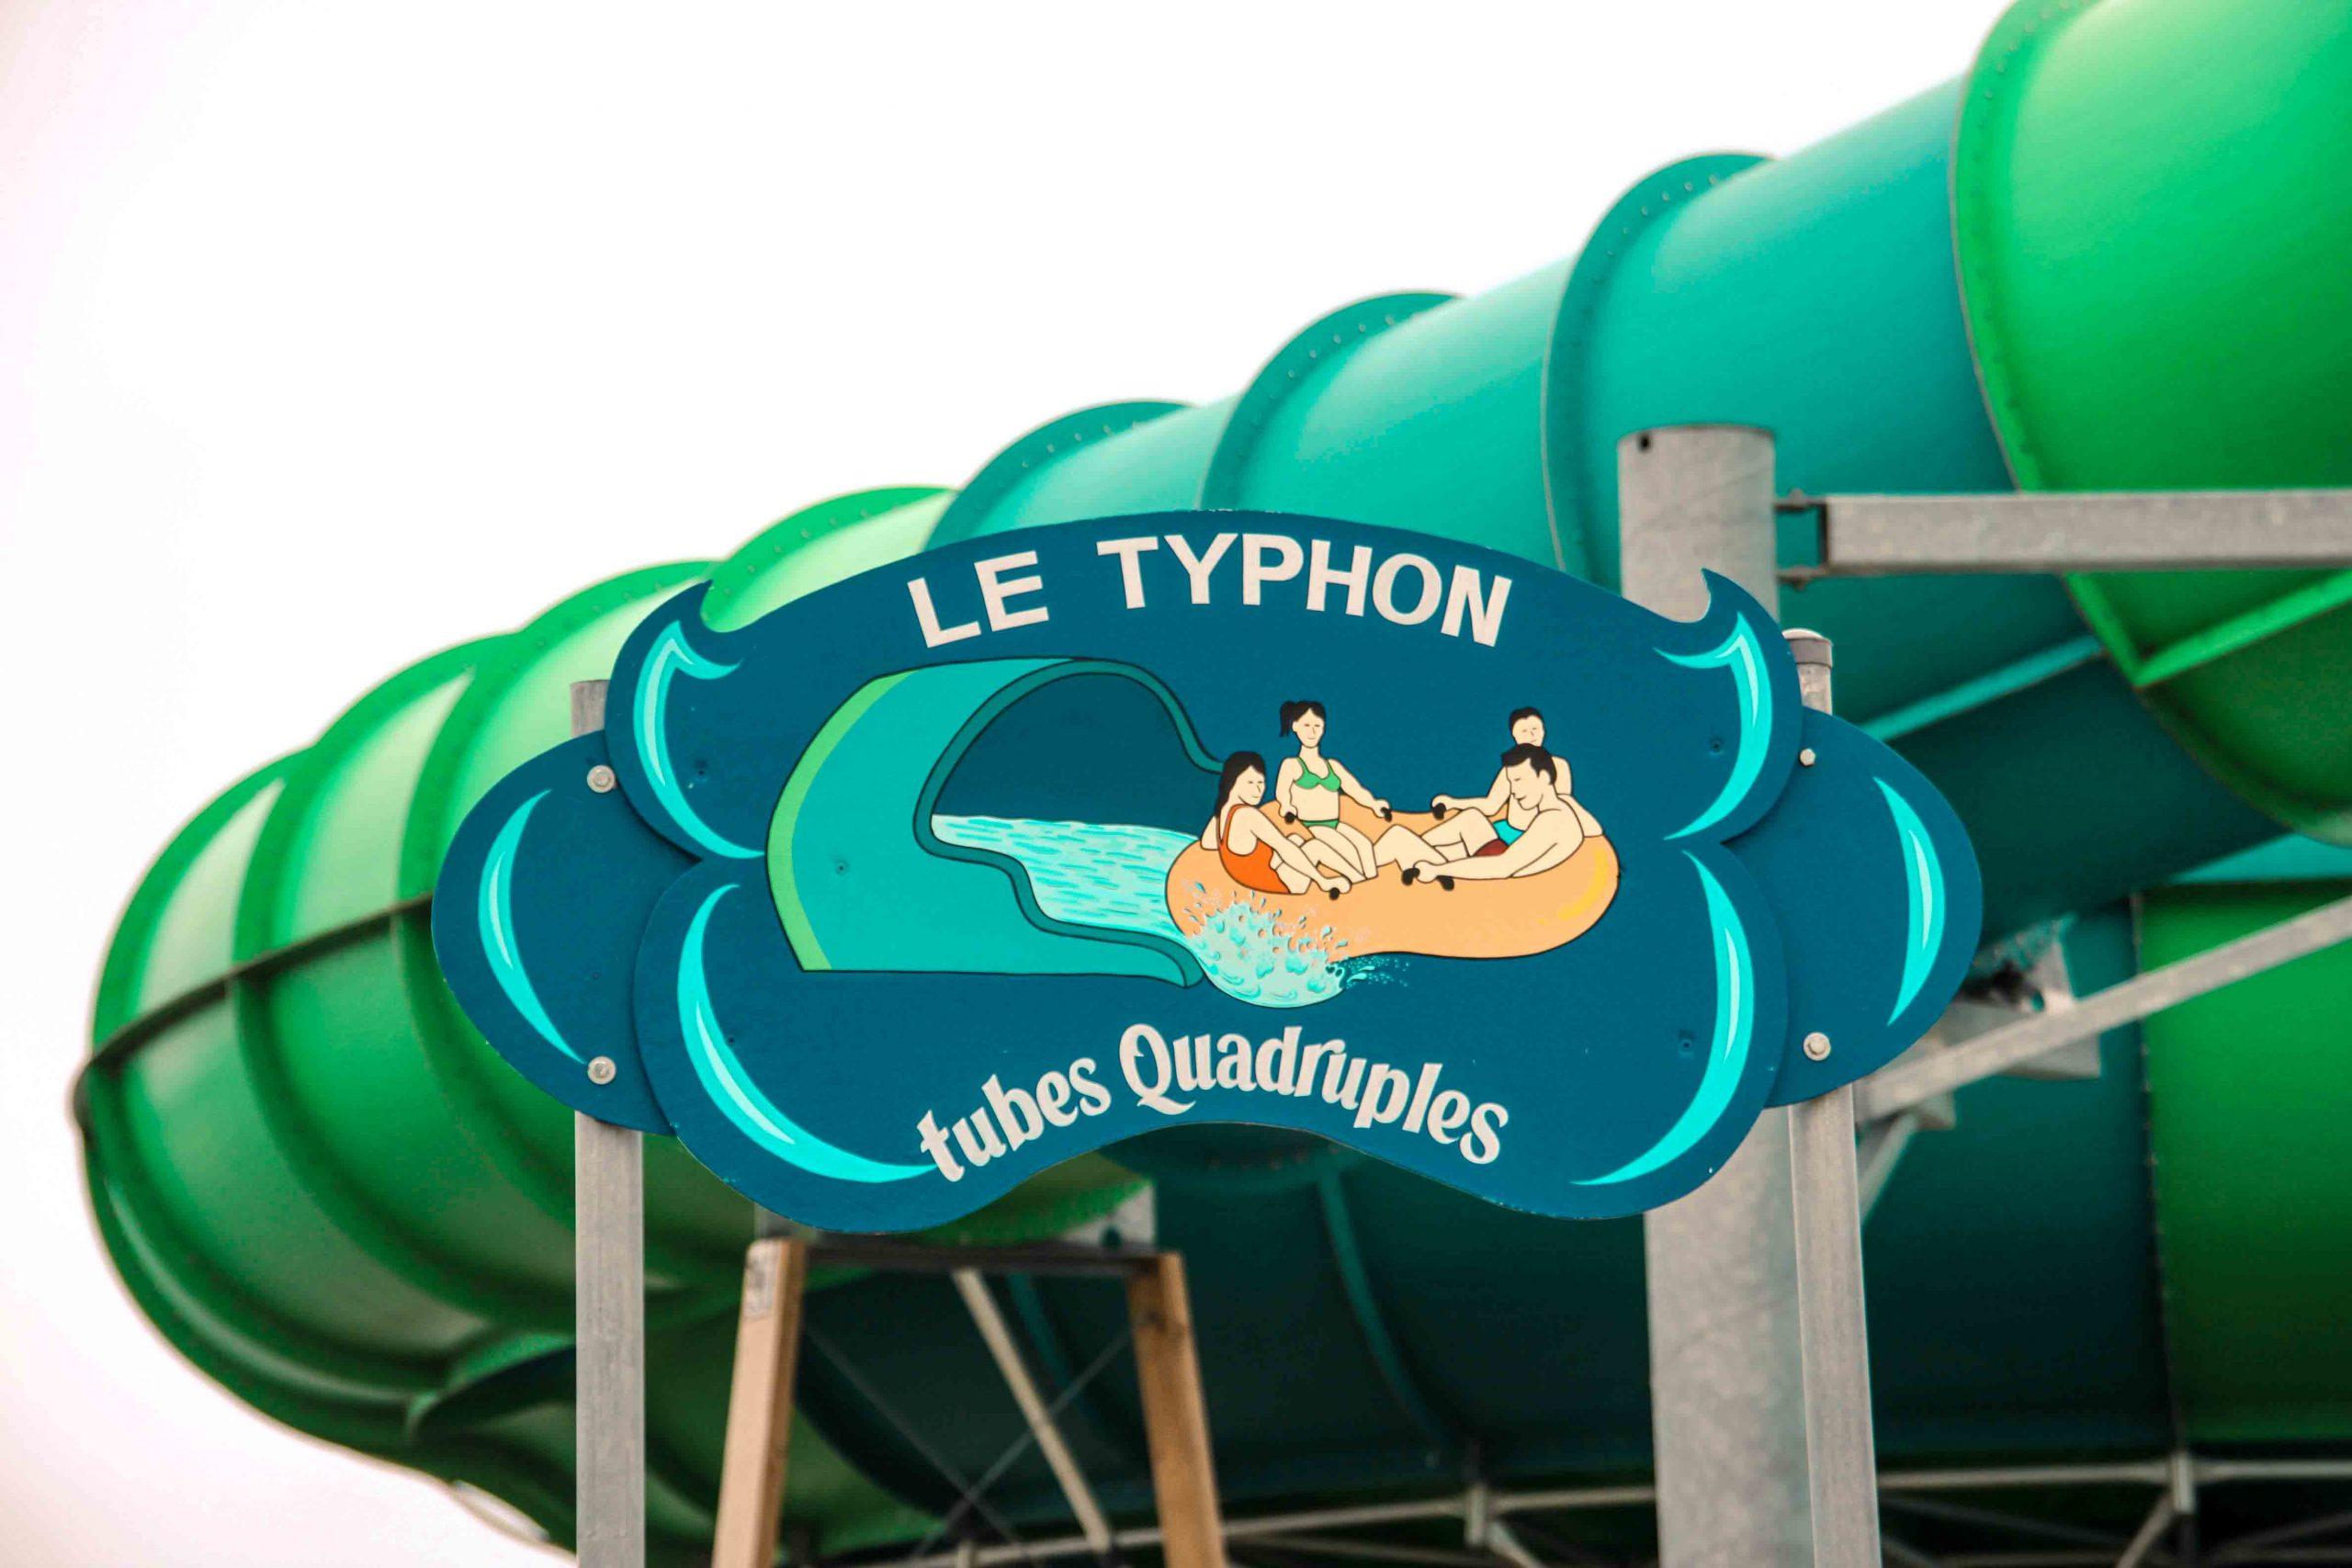 Panneau bleu, Le typhon à tubes quadruples devant glissade verte et bleue